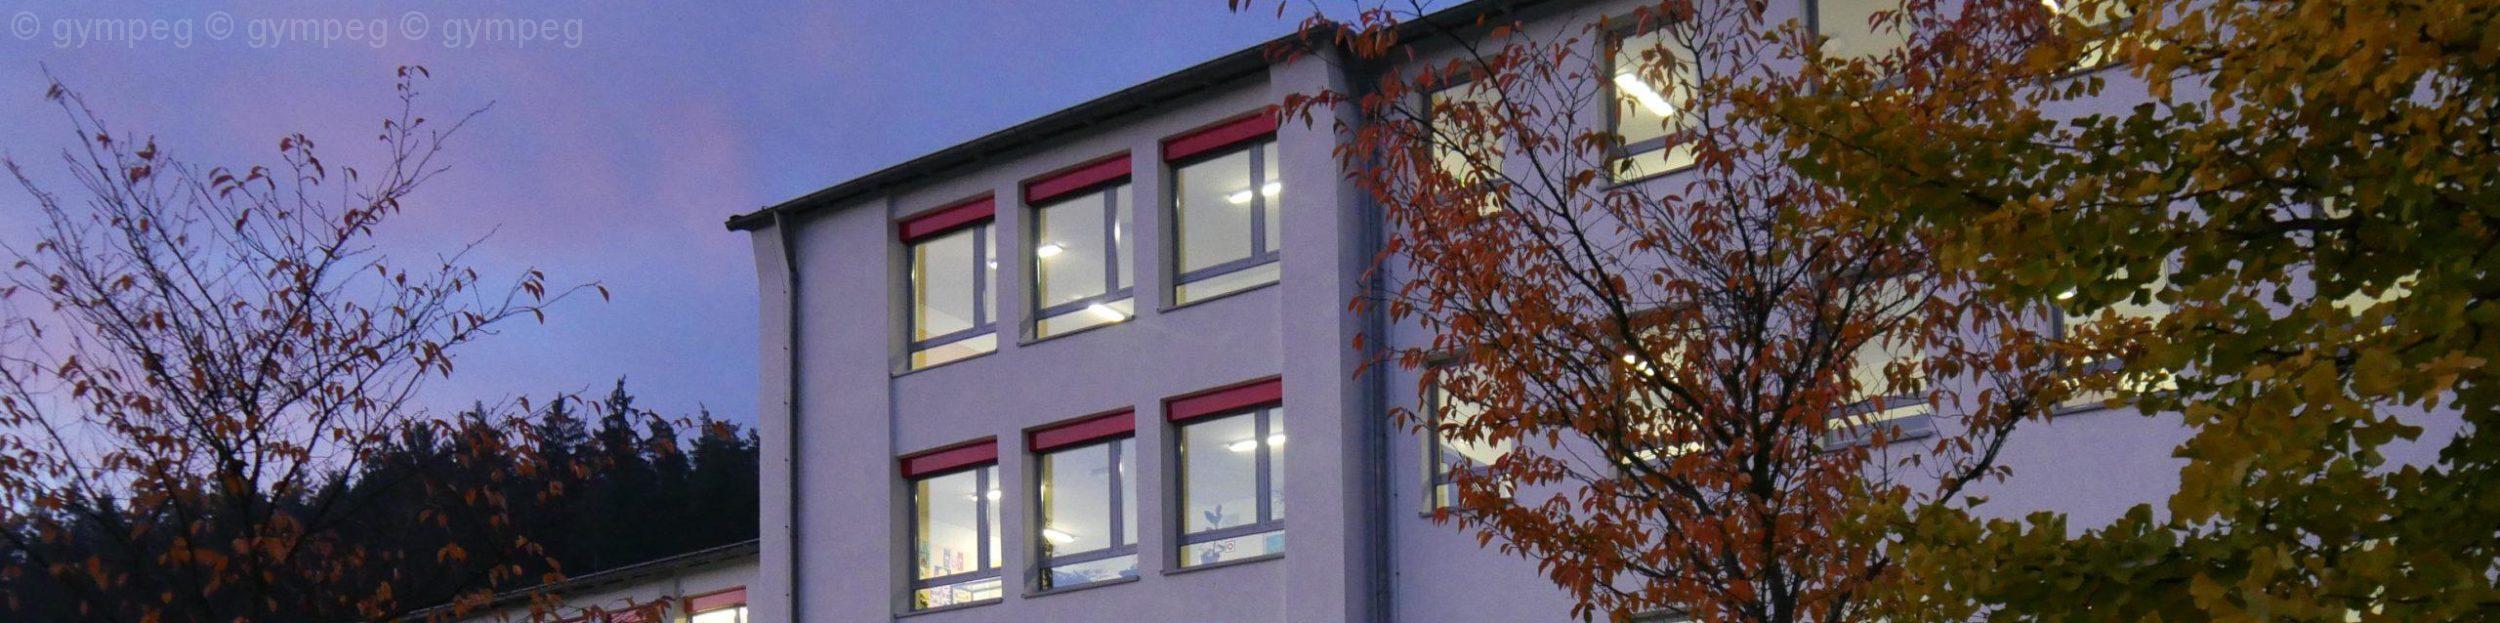 Gymnasium mit Schülerheim Pegnitz